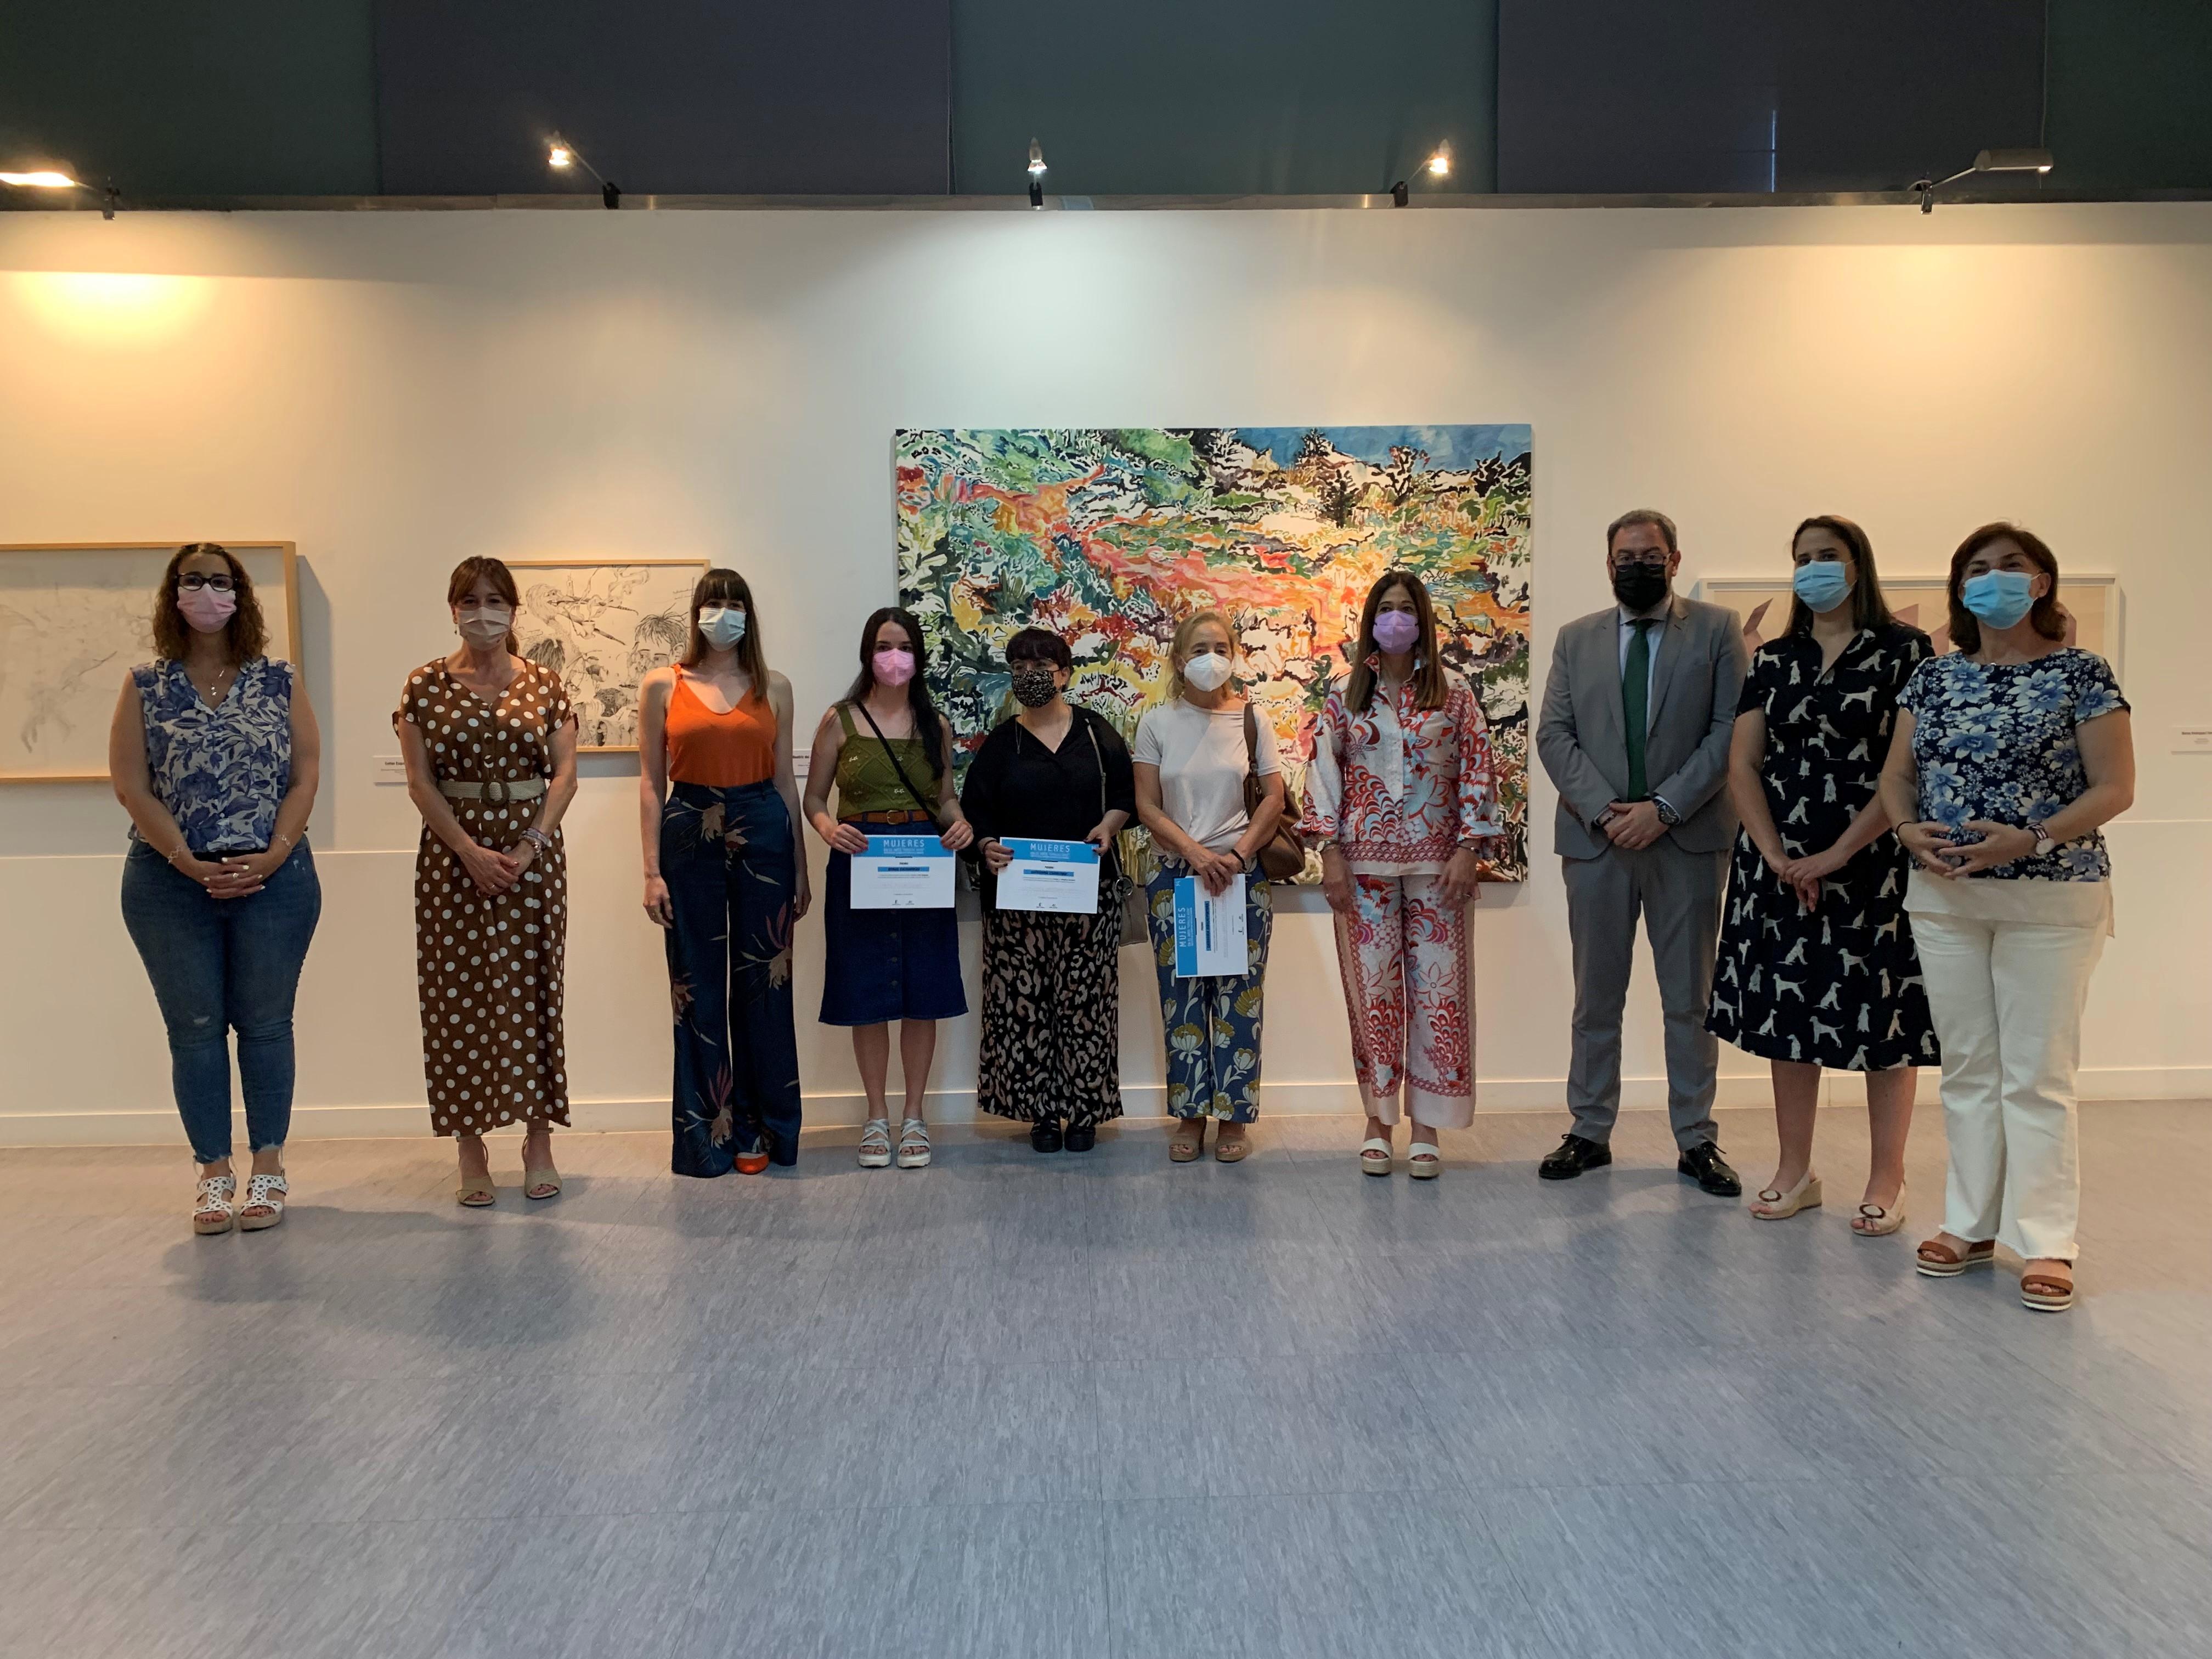 Inauguración y entrega de premios de la Muestra Mujeres Amalia Avia en Guadalajara.